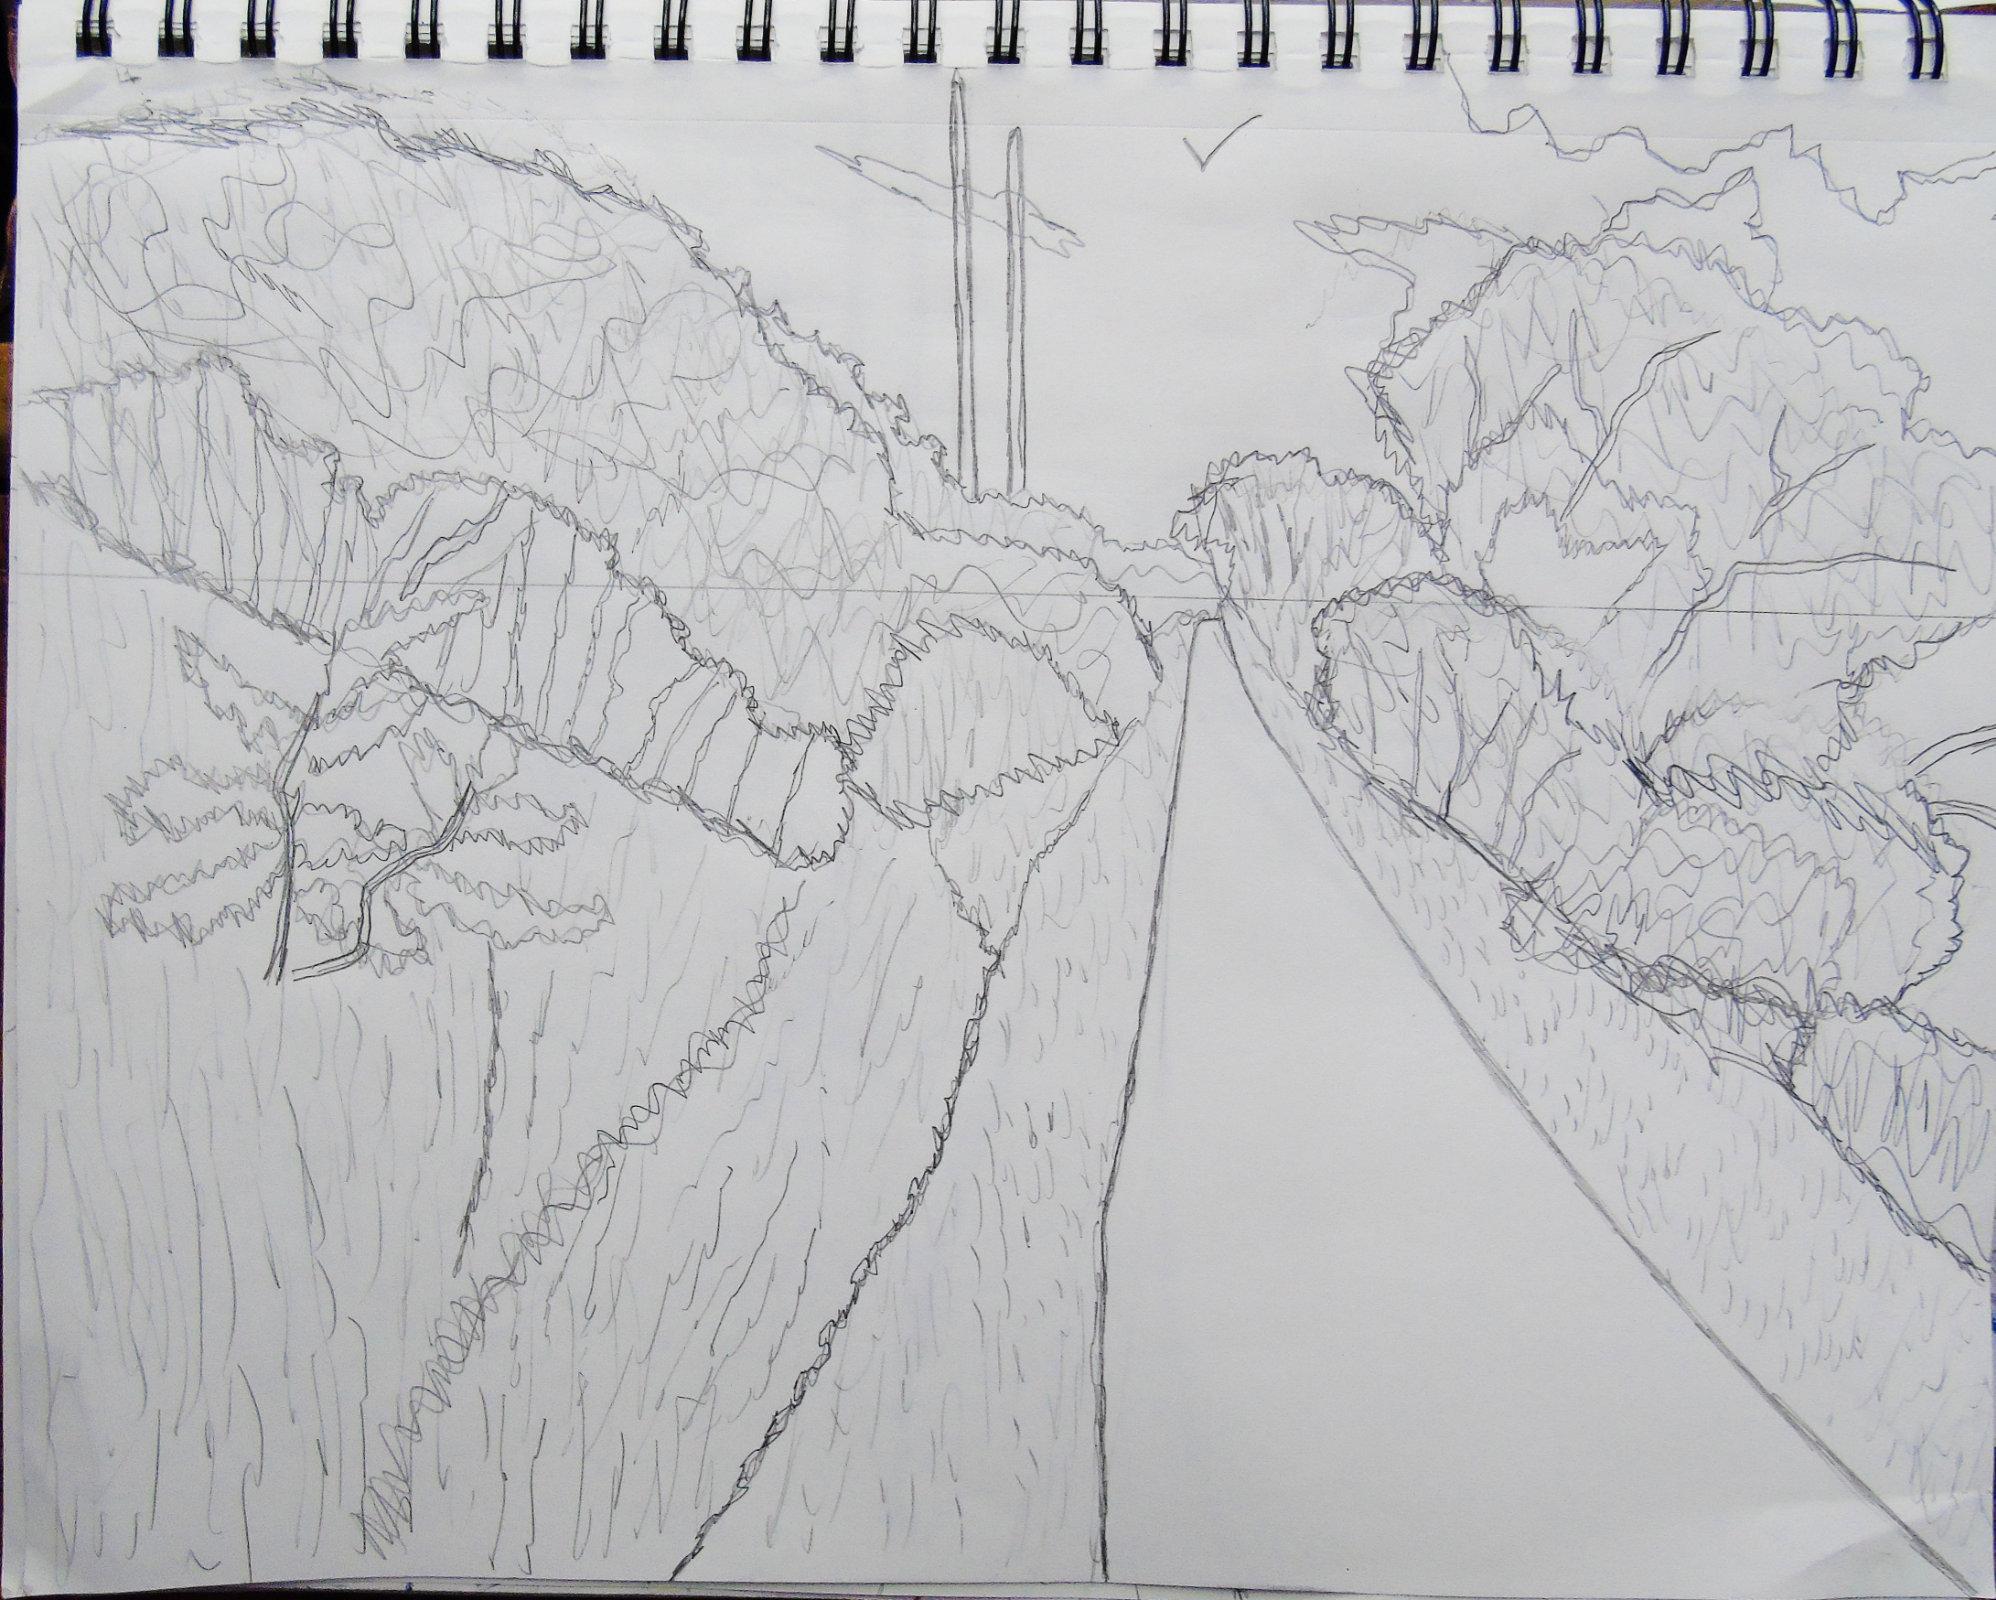 sumacs_behind_domtar1_drawing_ul